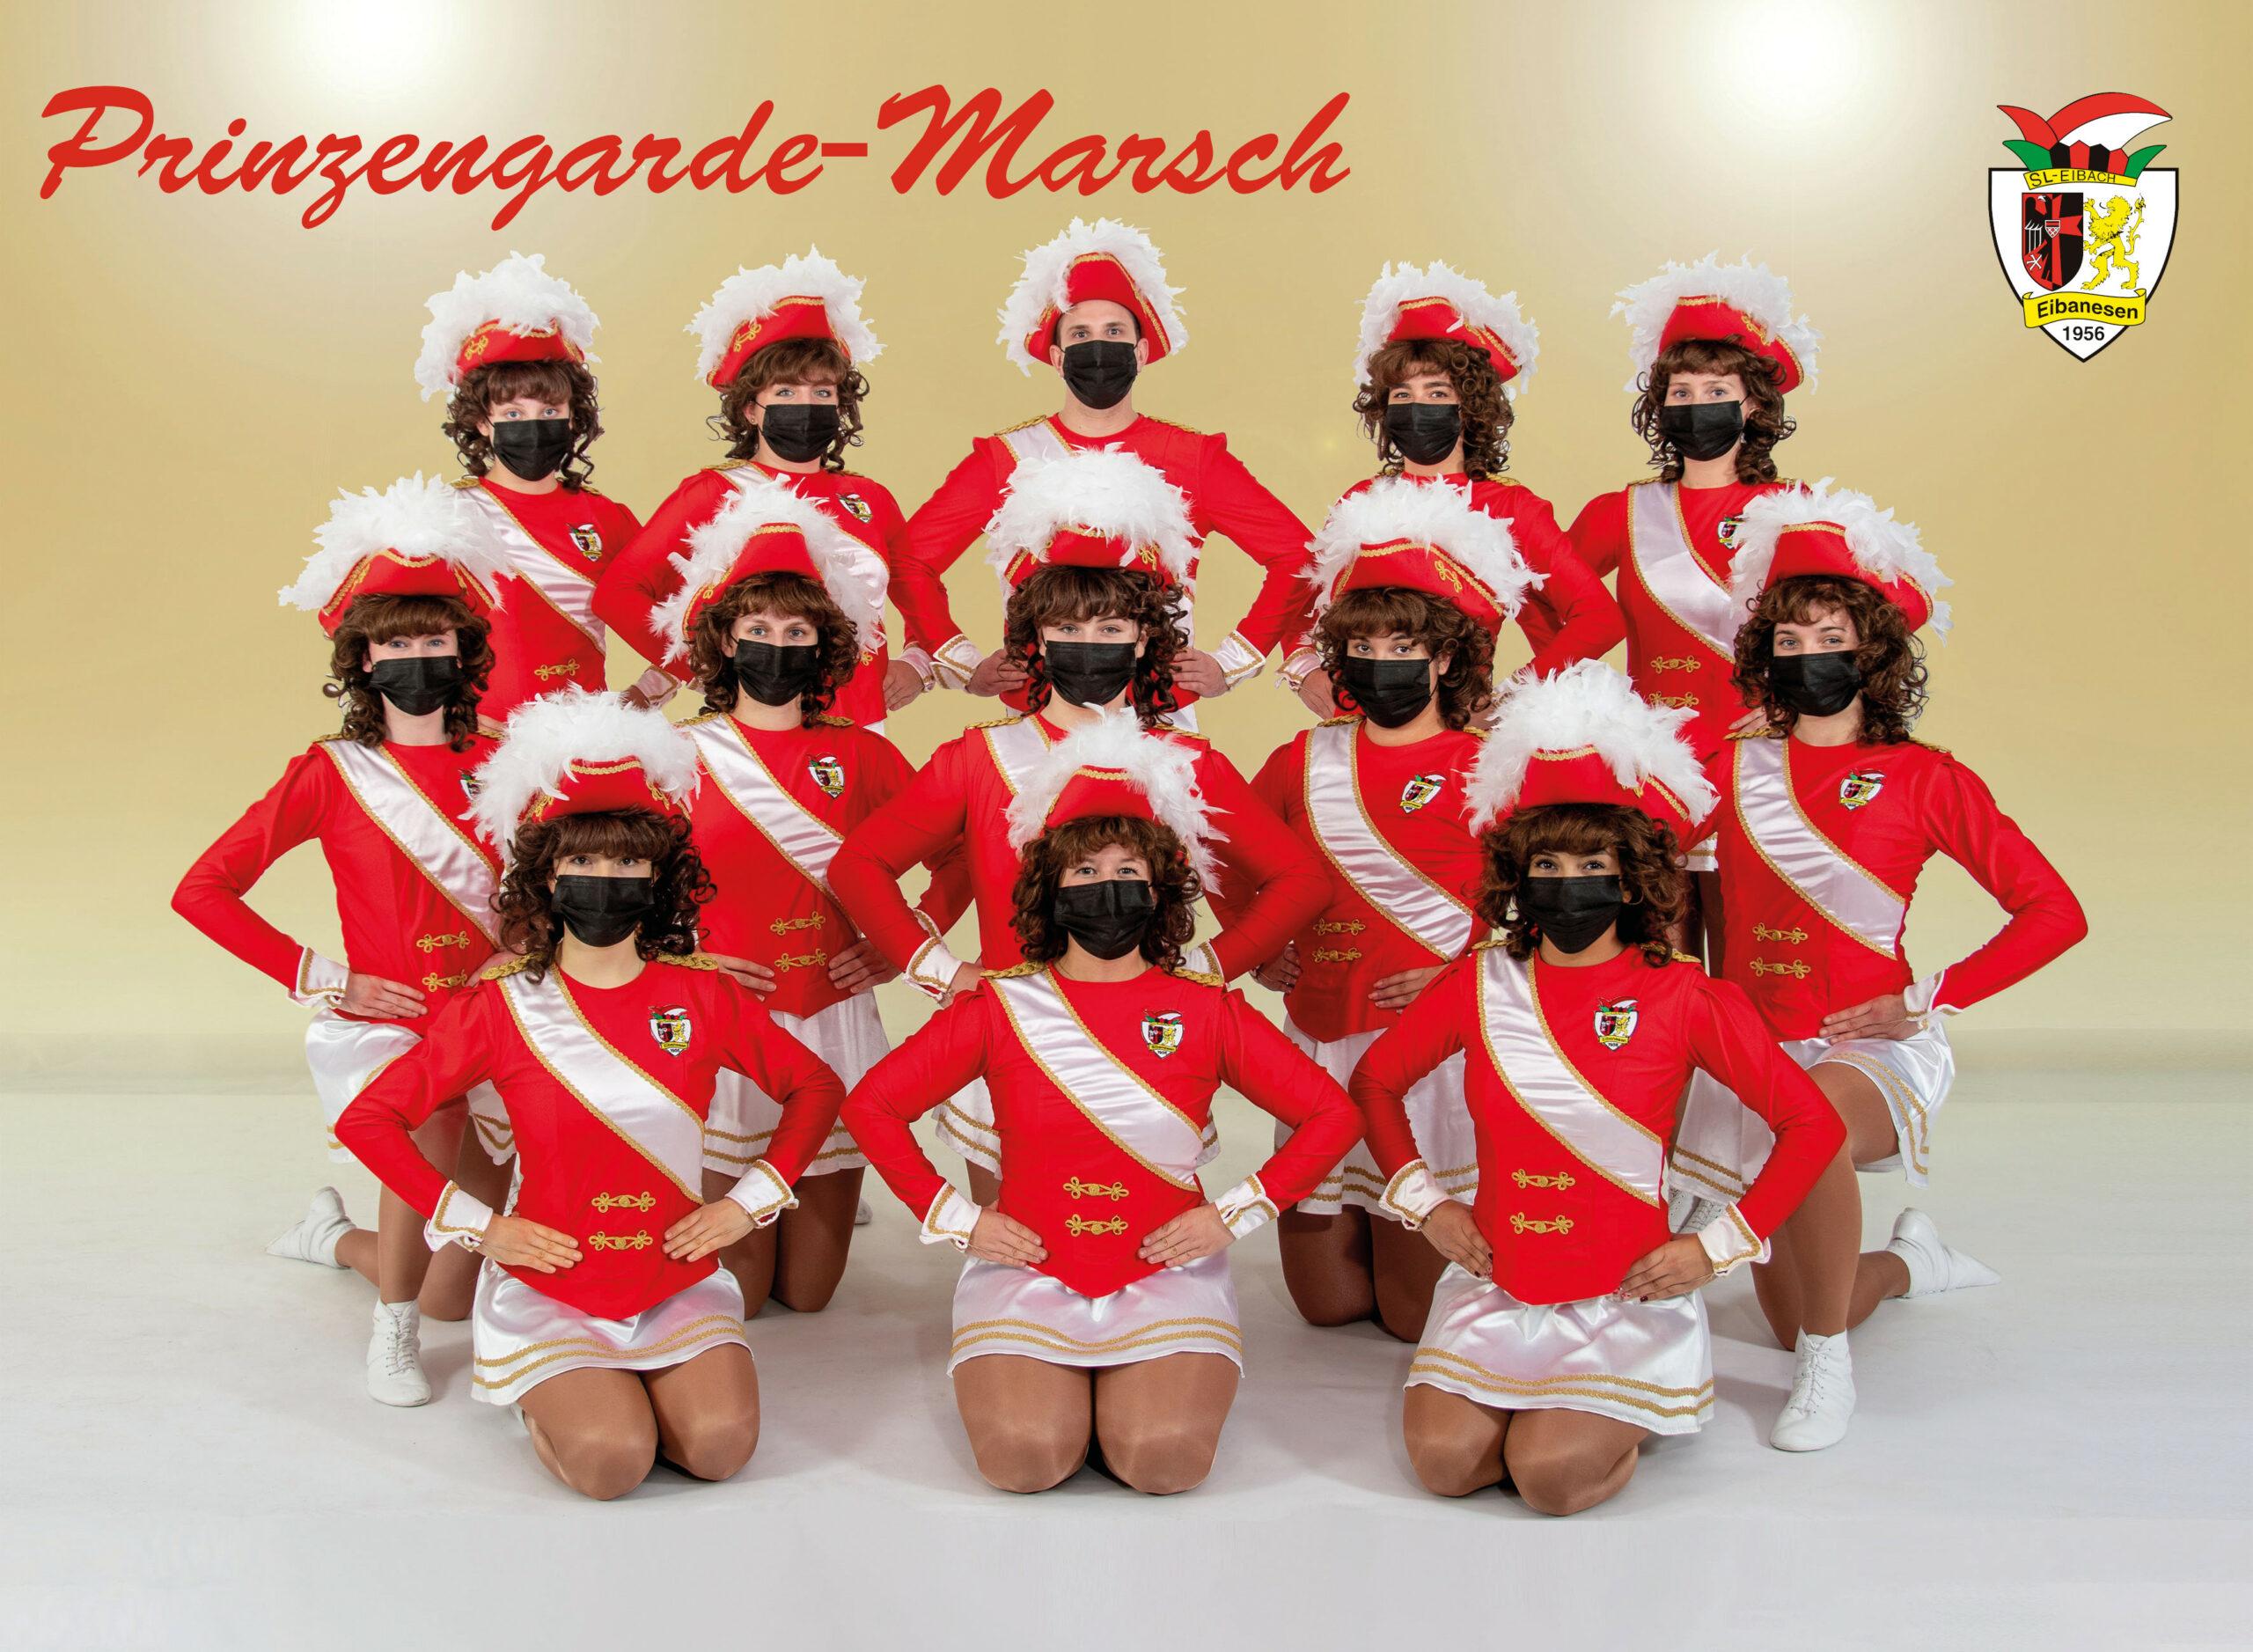 Prinzengarde-Marsch